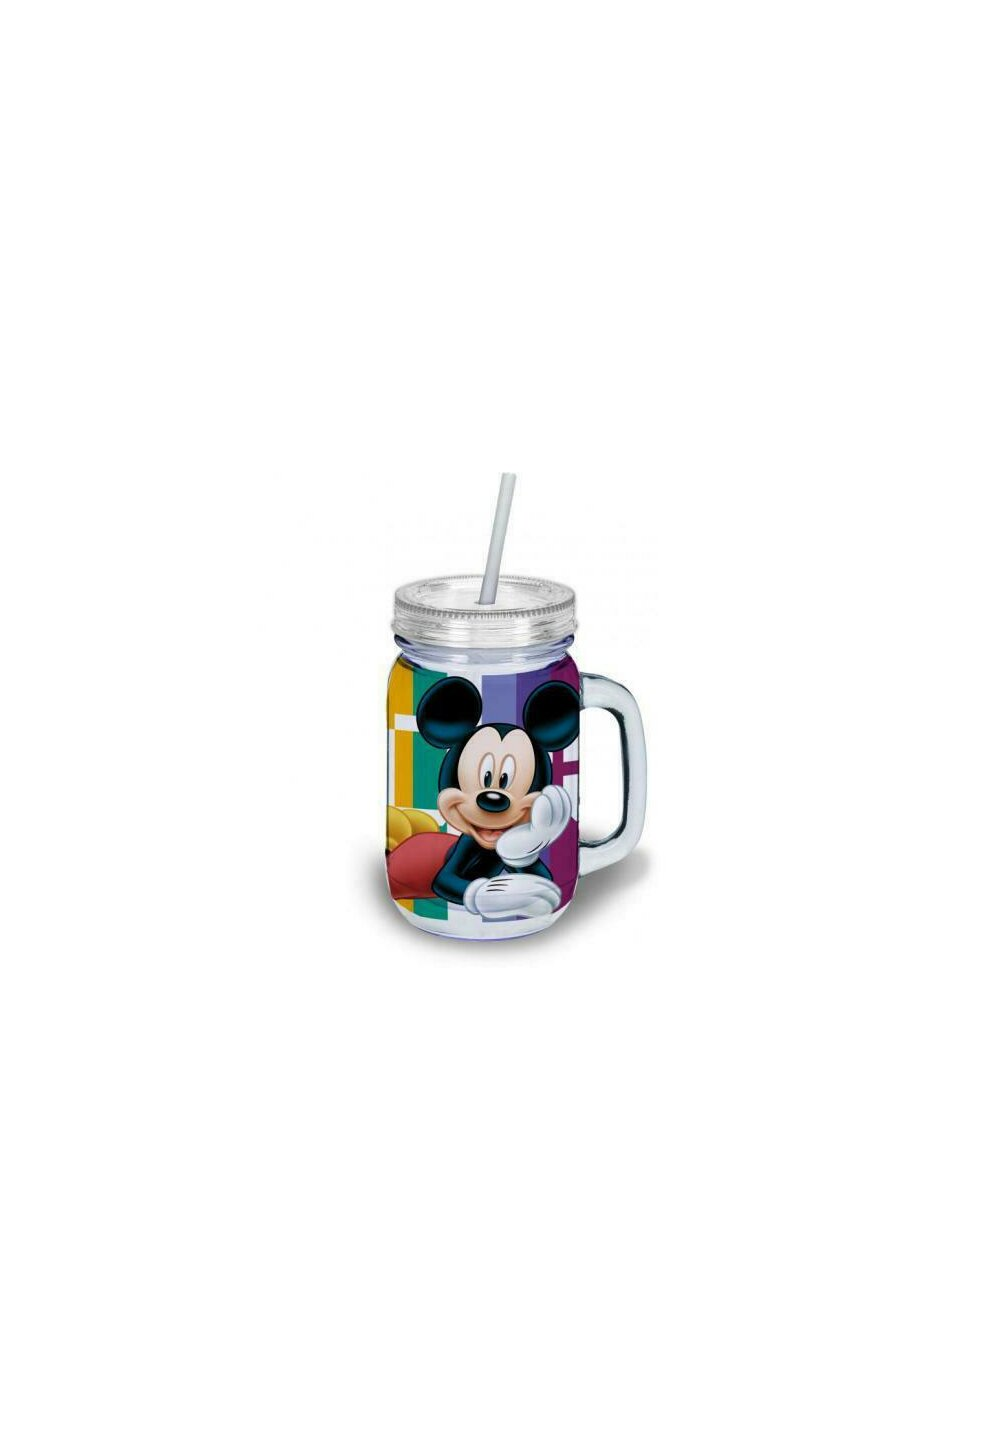 Cana cu pai, Mickey Mouse, cuburi colorate imagine